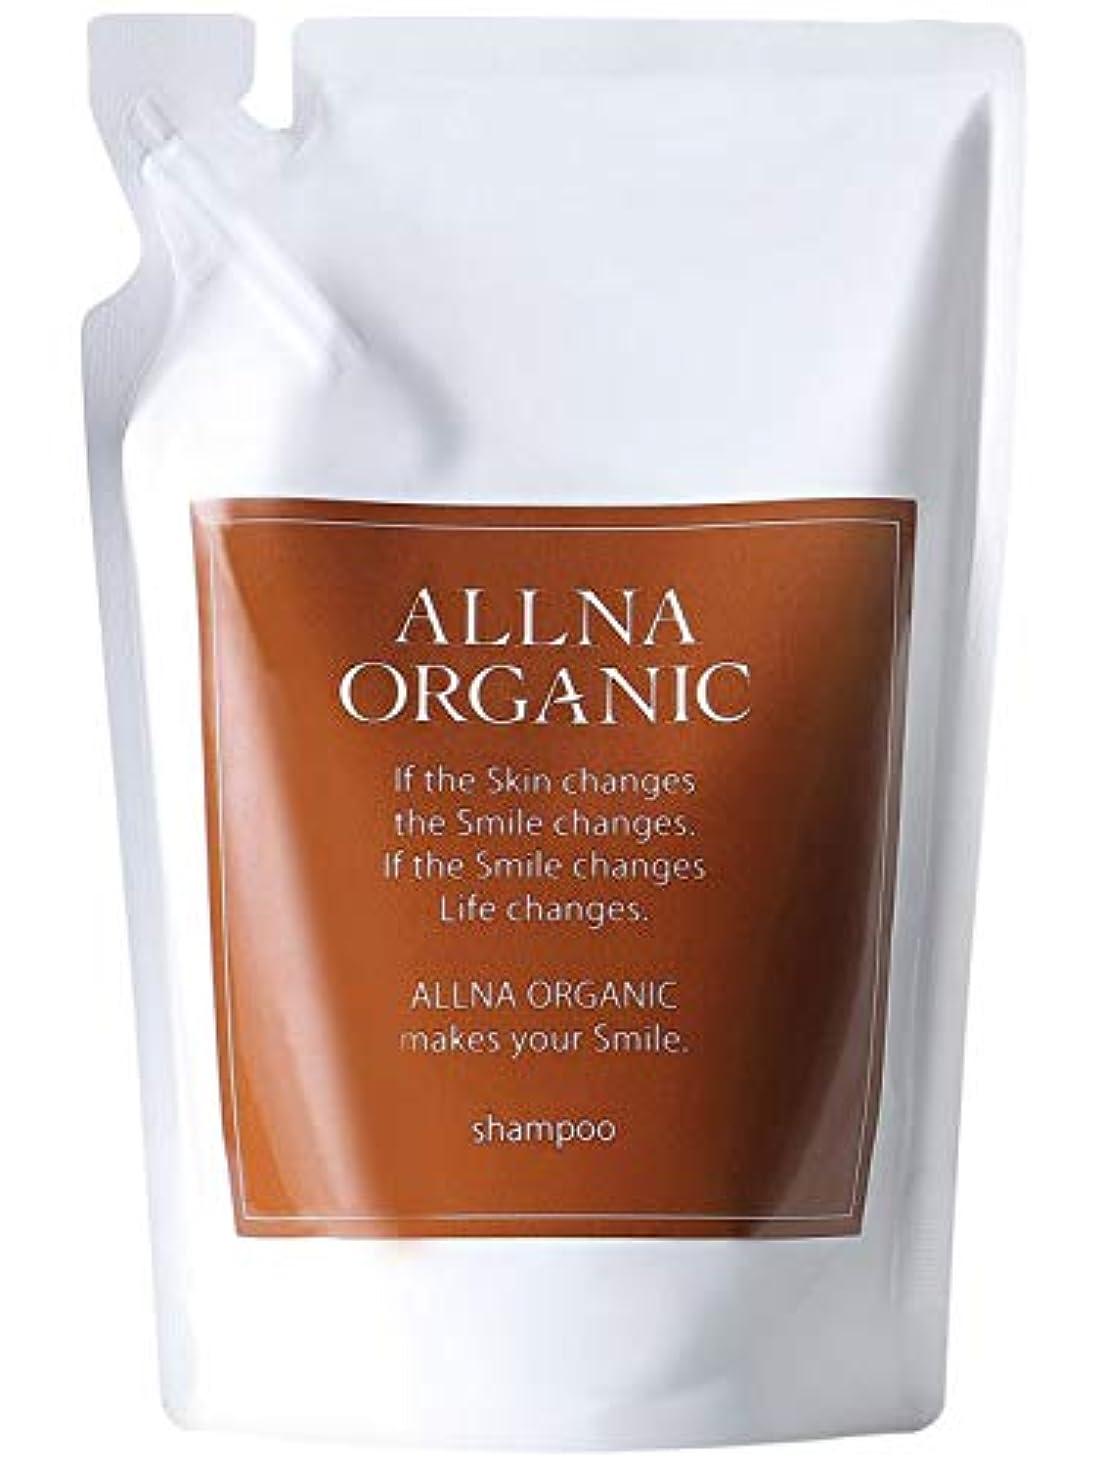 シンプルなそれら良い【 シャンプー 詰め替え 】 オルナ オーガニック アミノ酸シャンプー 無添加 ノンシリコン 合成香料不使用でボタニカルな香り「コラーゲン ヒアルロン酸 ビタミンC誘導体 セラミド 配合」400ml